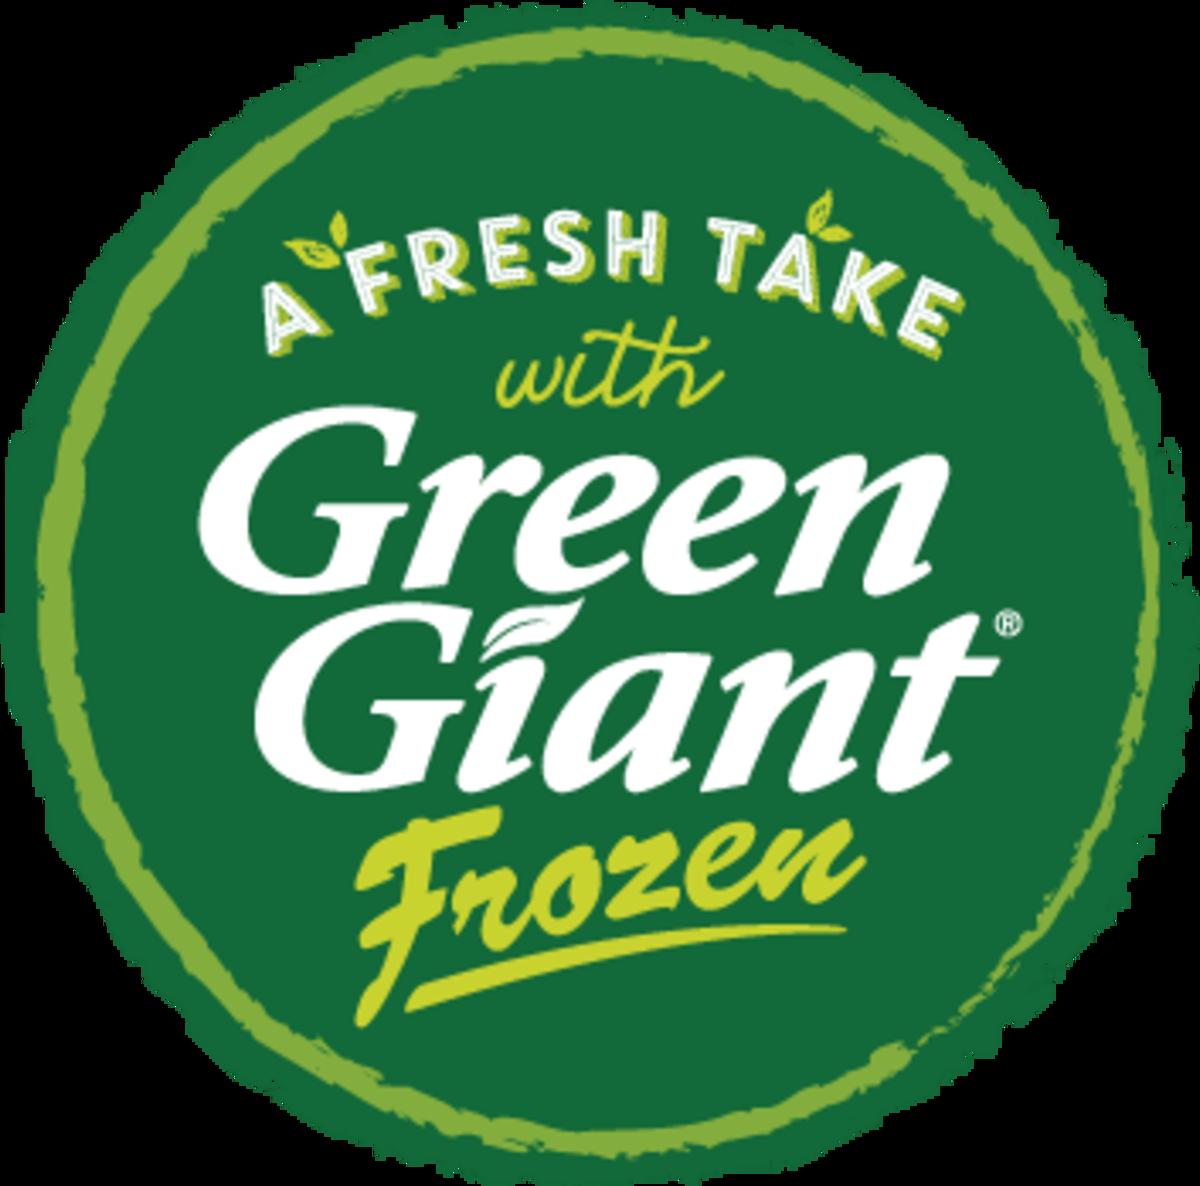 freshtakewithgreengiant